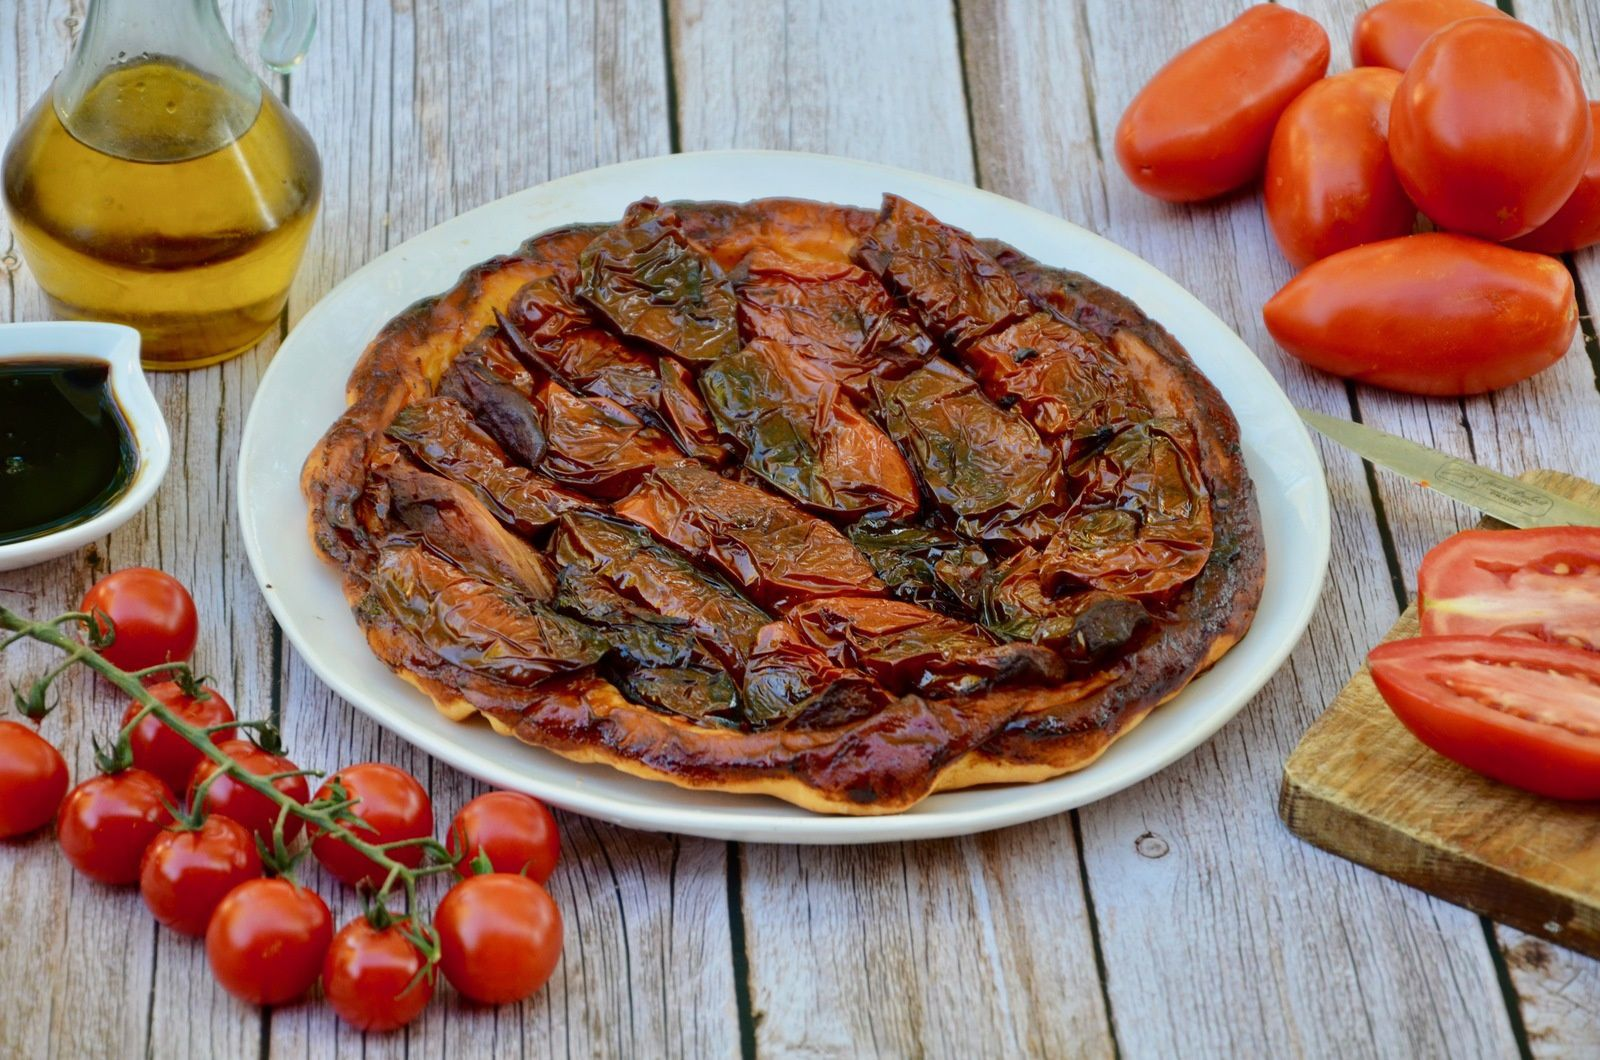 Tatin de tomates au balsamique